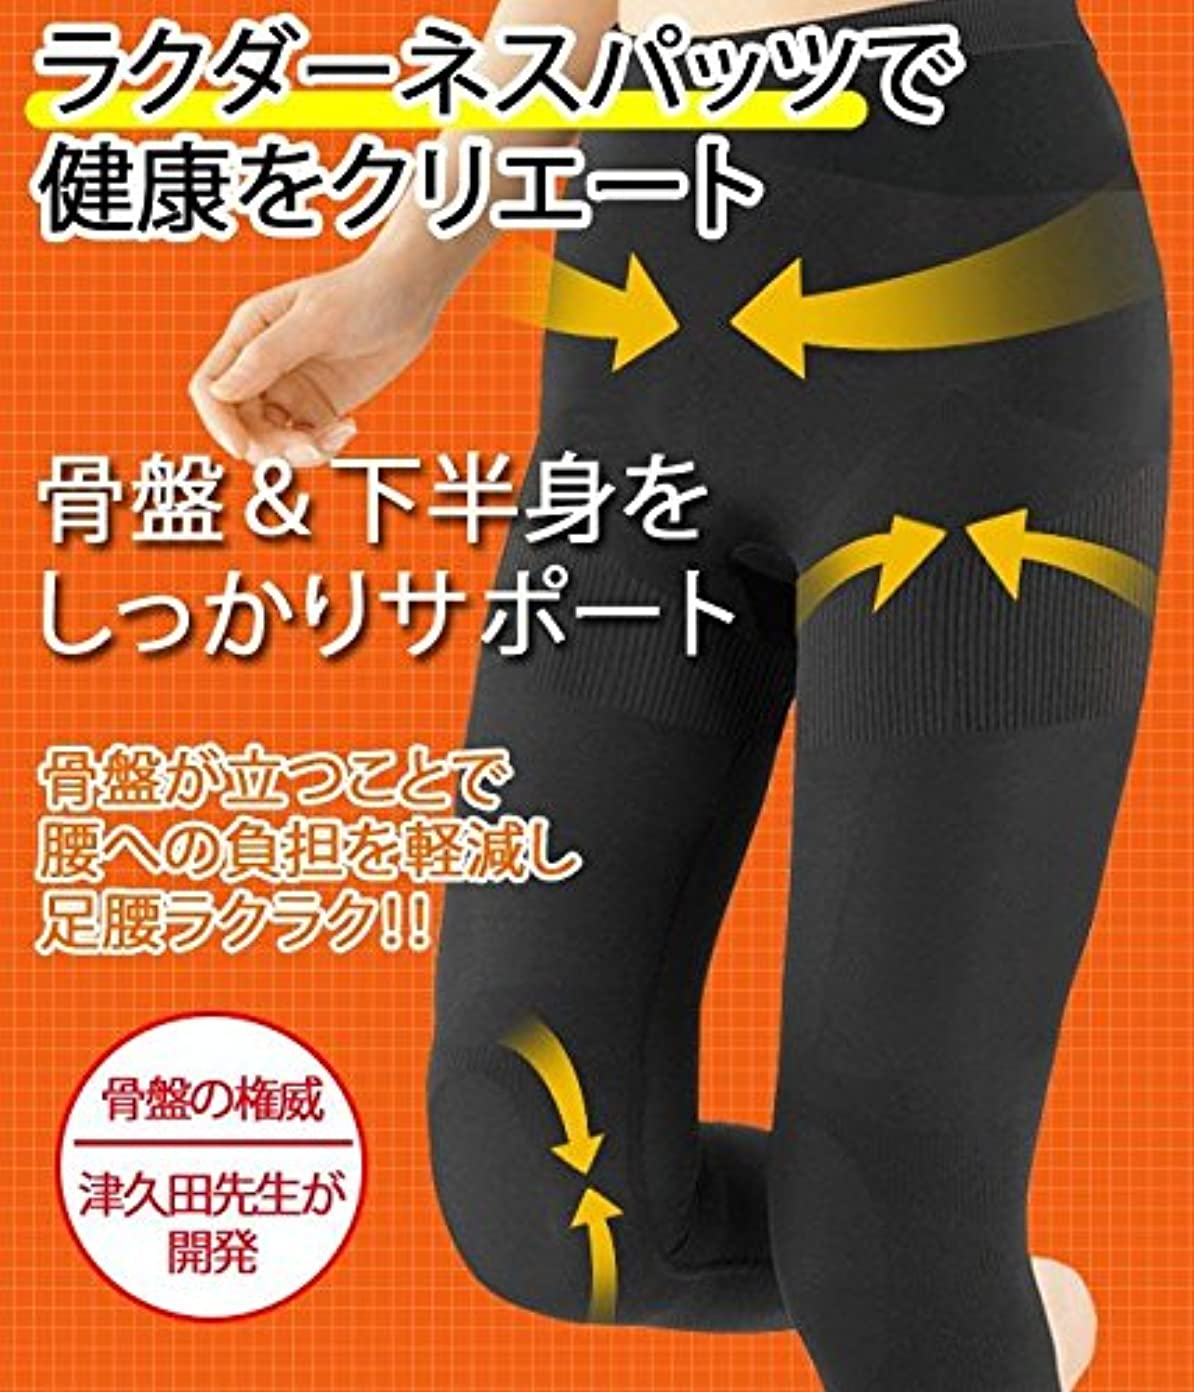 スポンサー腕読者津久田先生のラクダーネ スパッツ ロング M